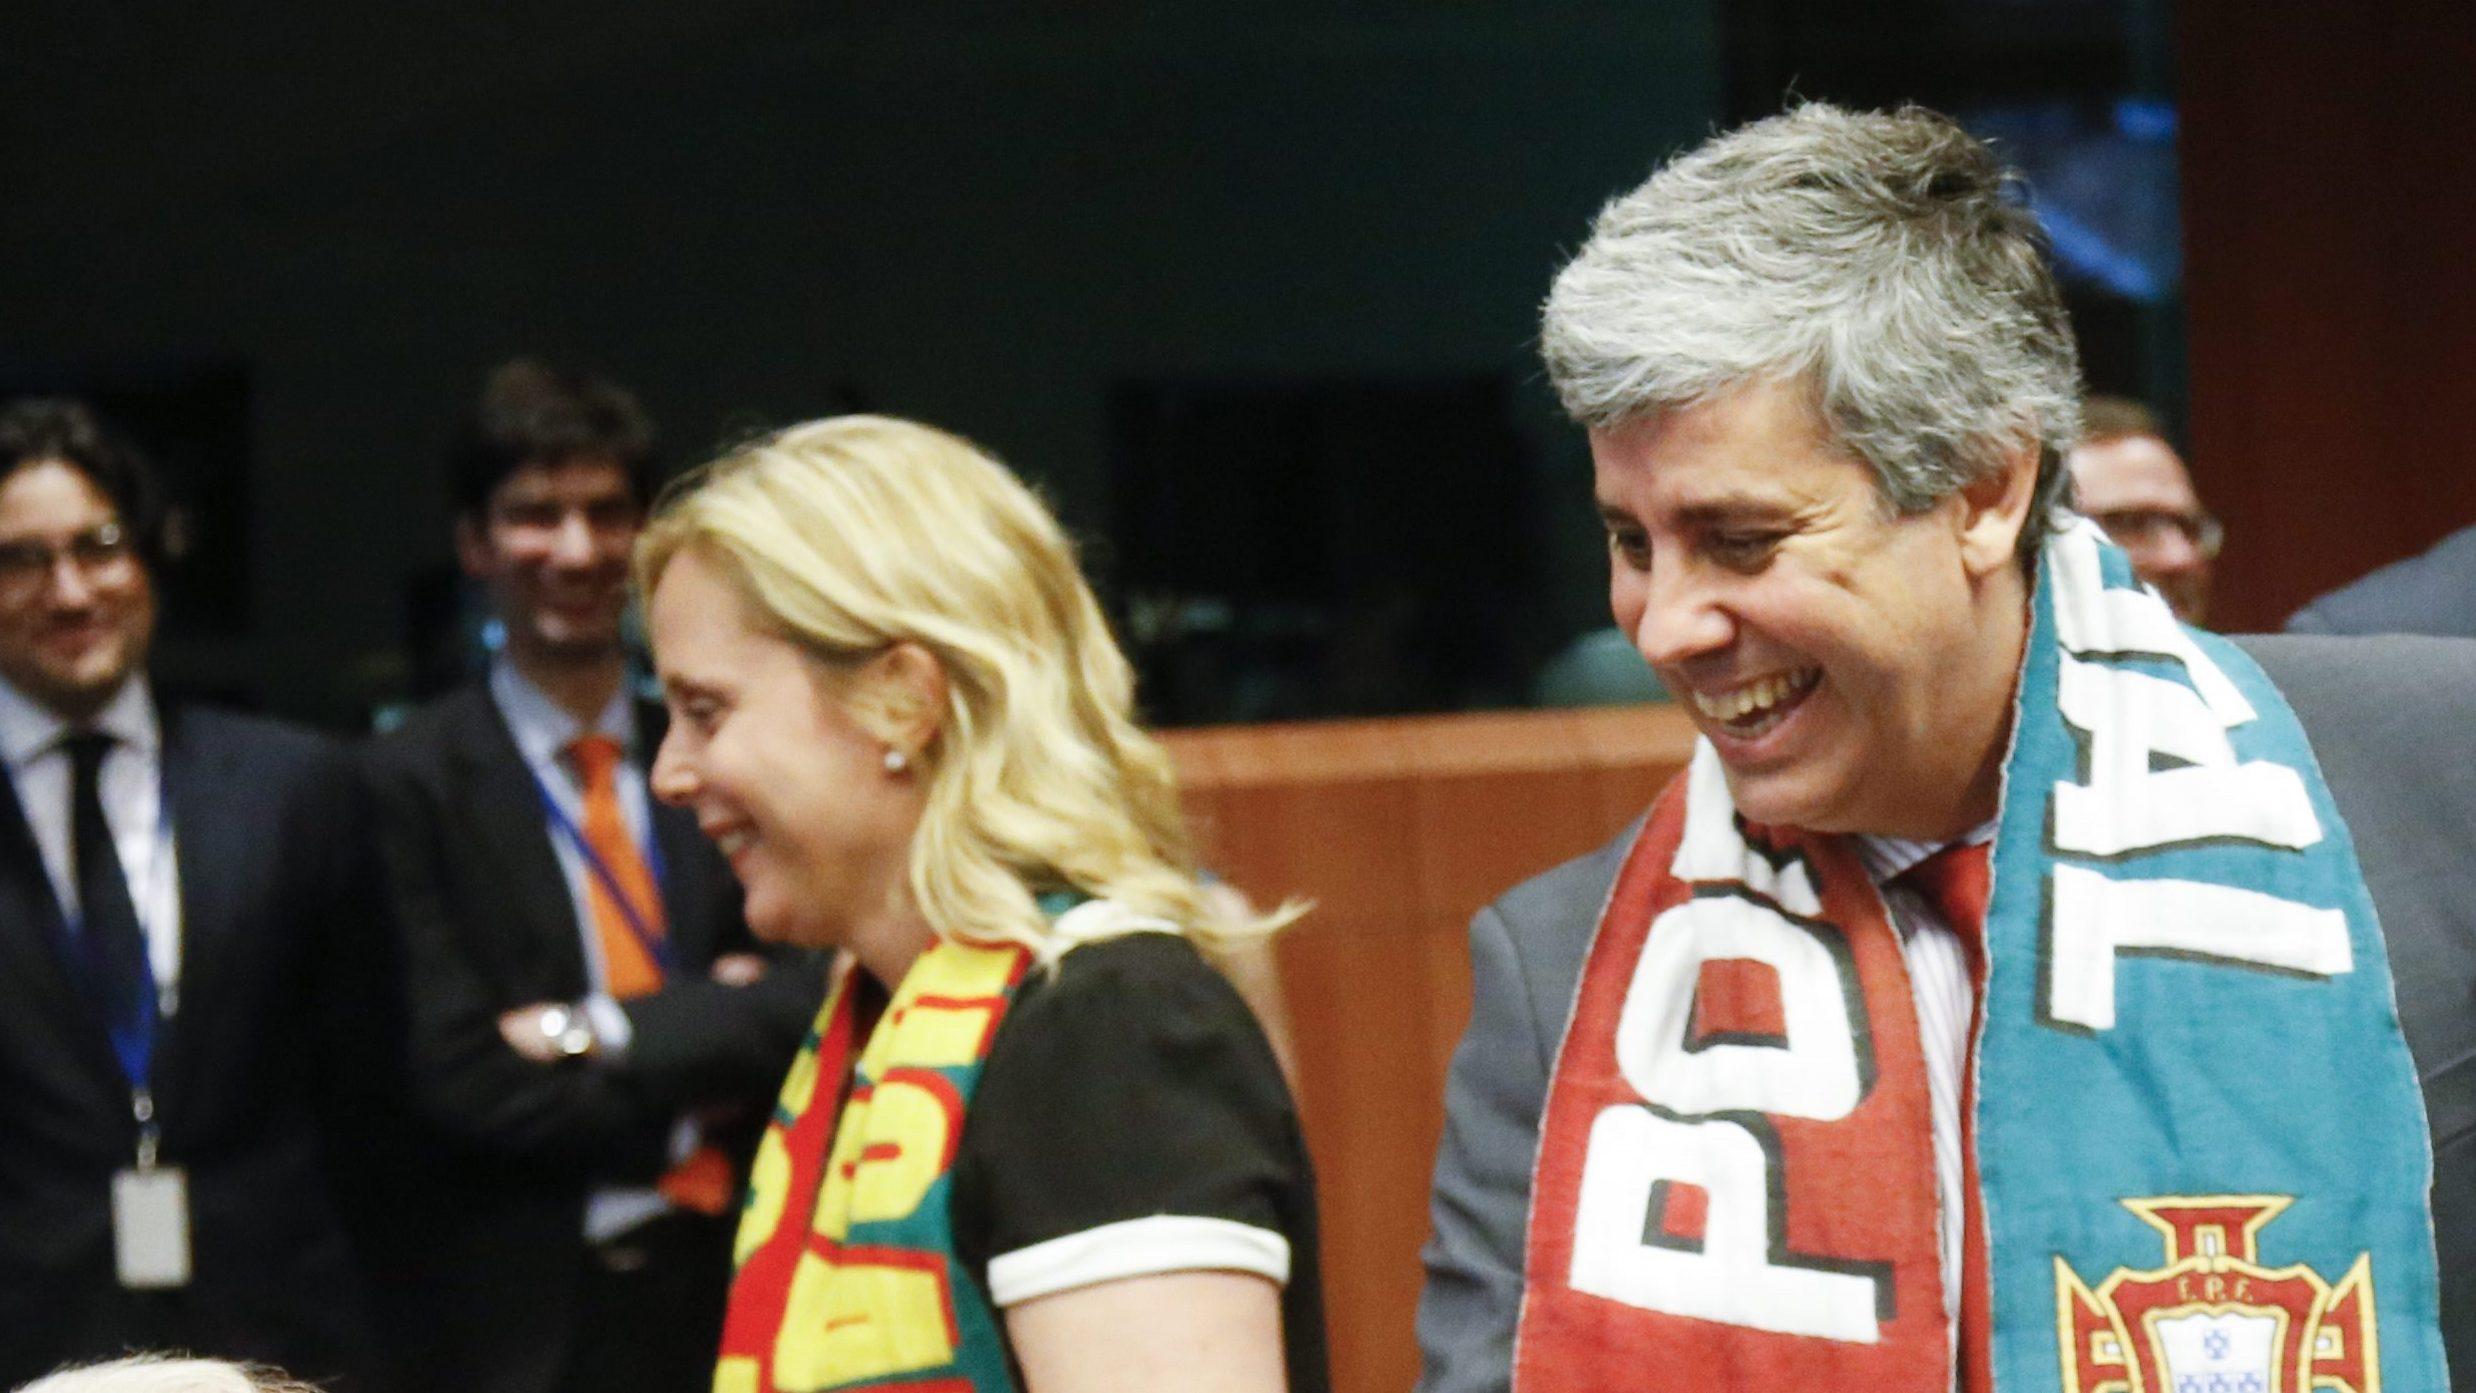 Primeiros 100 dias de Centeno à frente do Eurogrupo sem sobressaltos